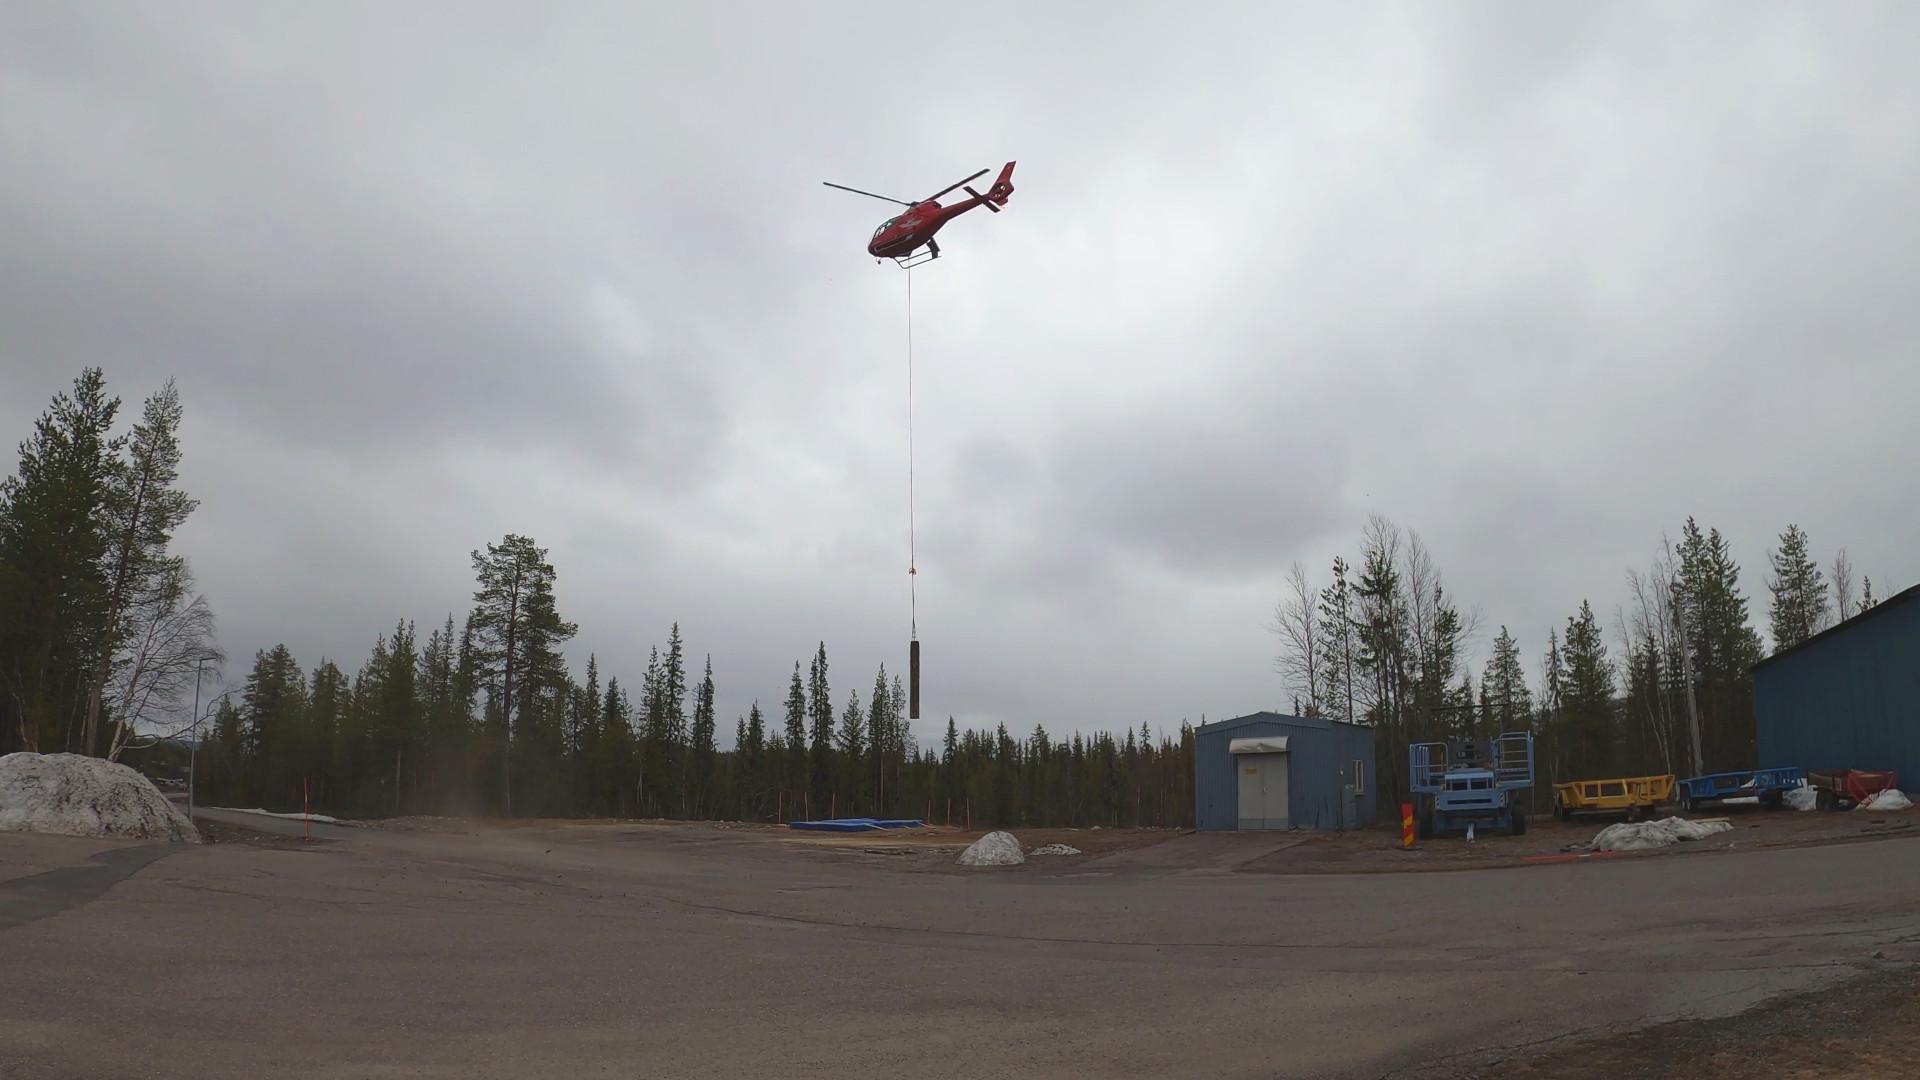 Die Nutzlast samt Experimenten wurde nach der Landung mit Hilfe eines Helikopters geborgen.